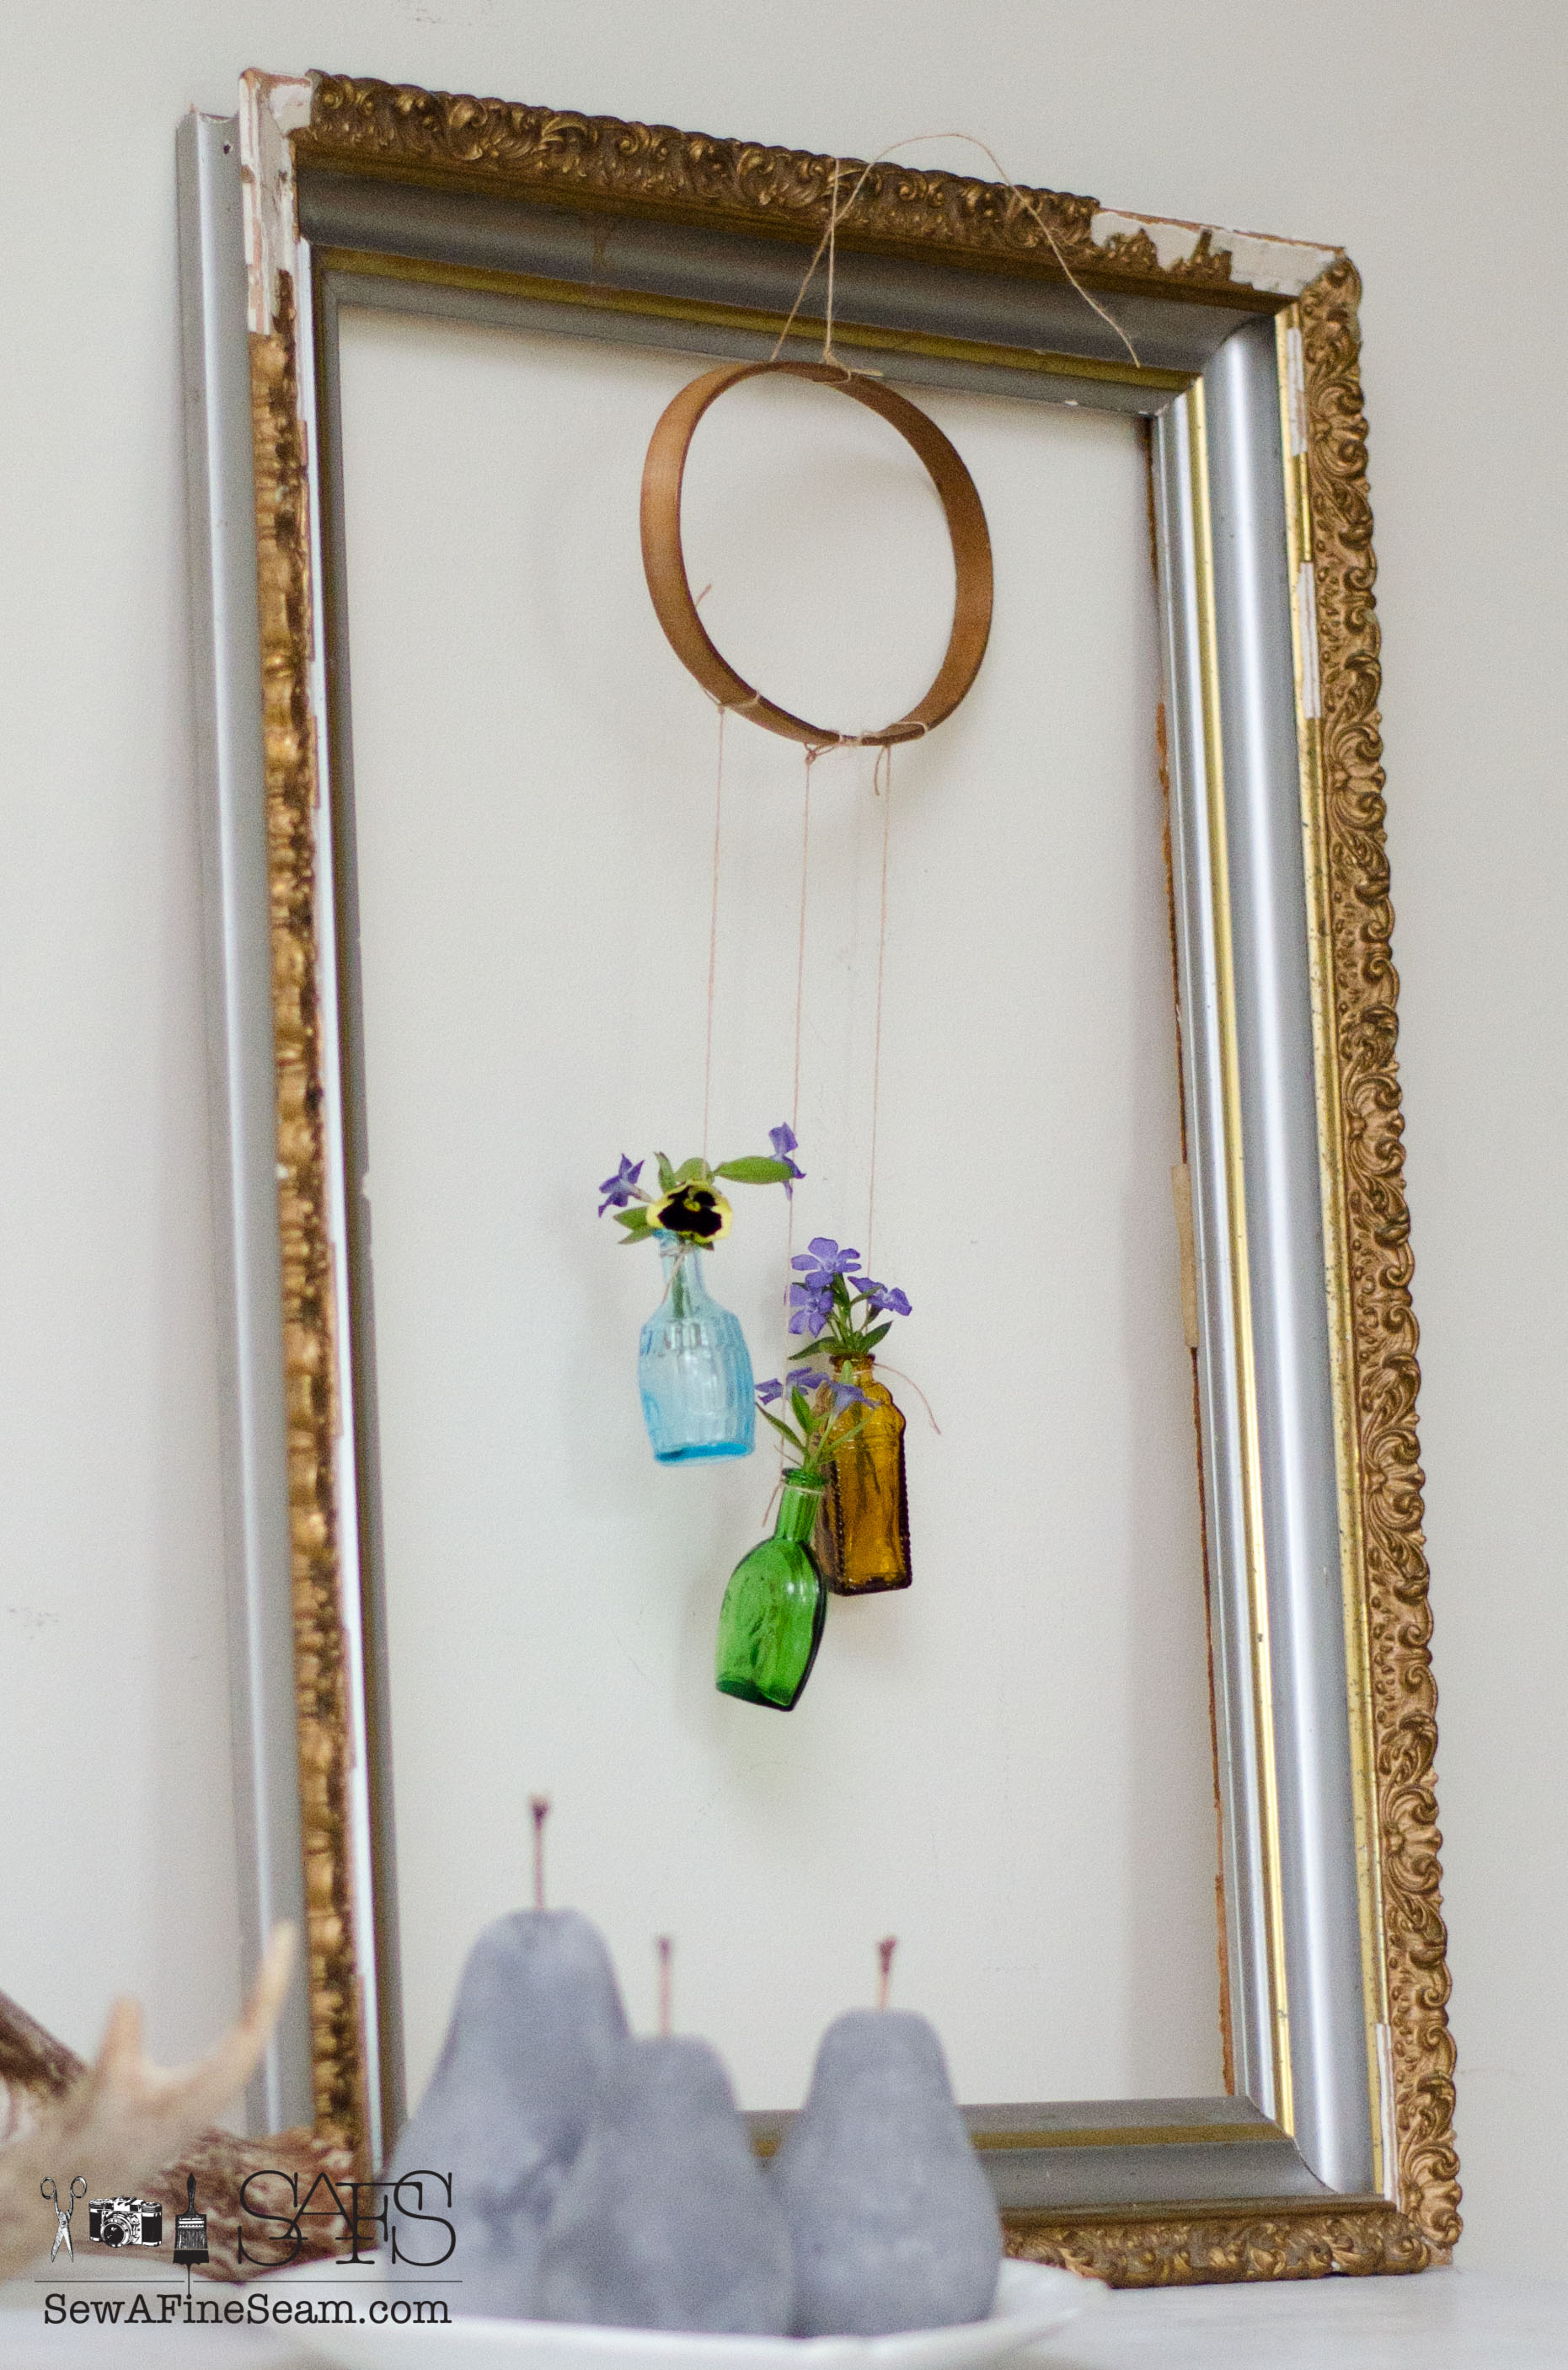 Flower vase made of tiny bottles sew a fine seam flower vases from tiny bottles an old embroidery hoop and a vintage frame for springtime decor reviewsmspy